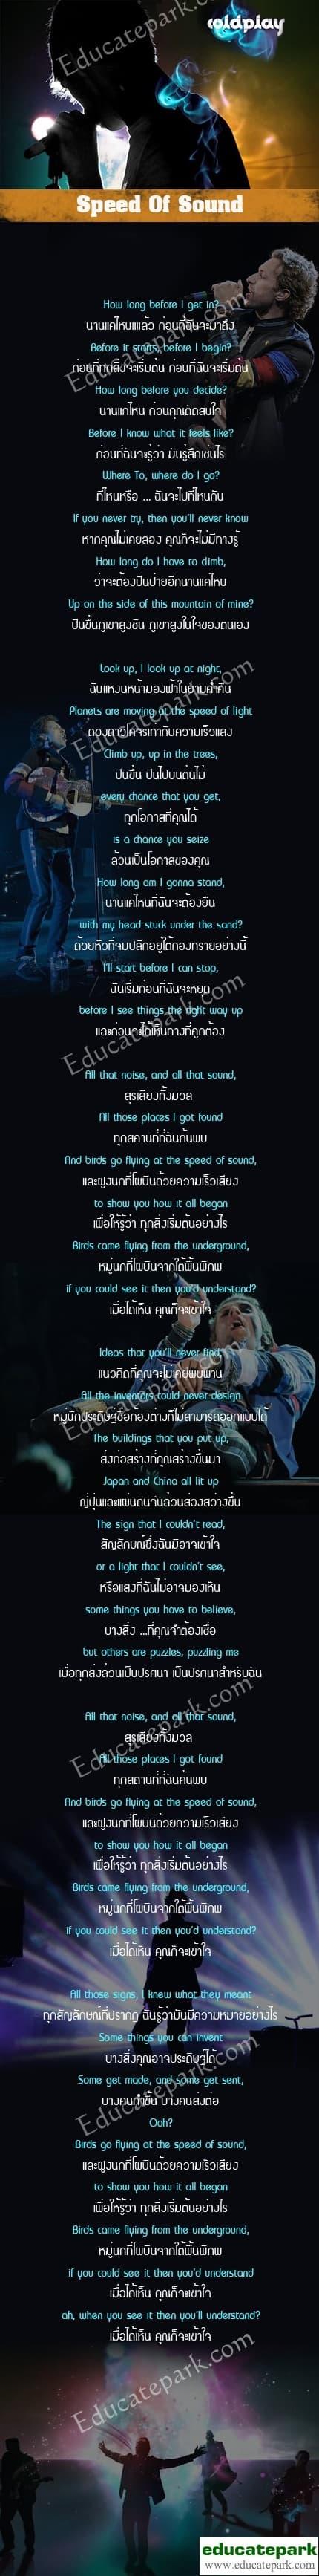 แปลเพลง Speed Of Sound - Coldplay